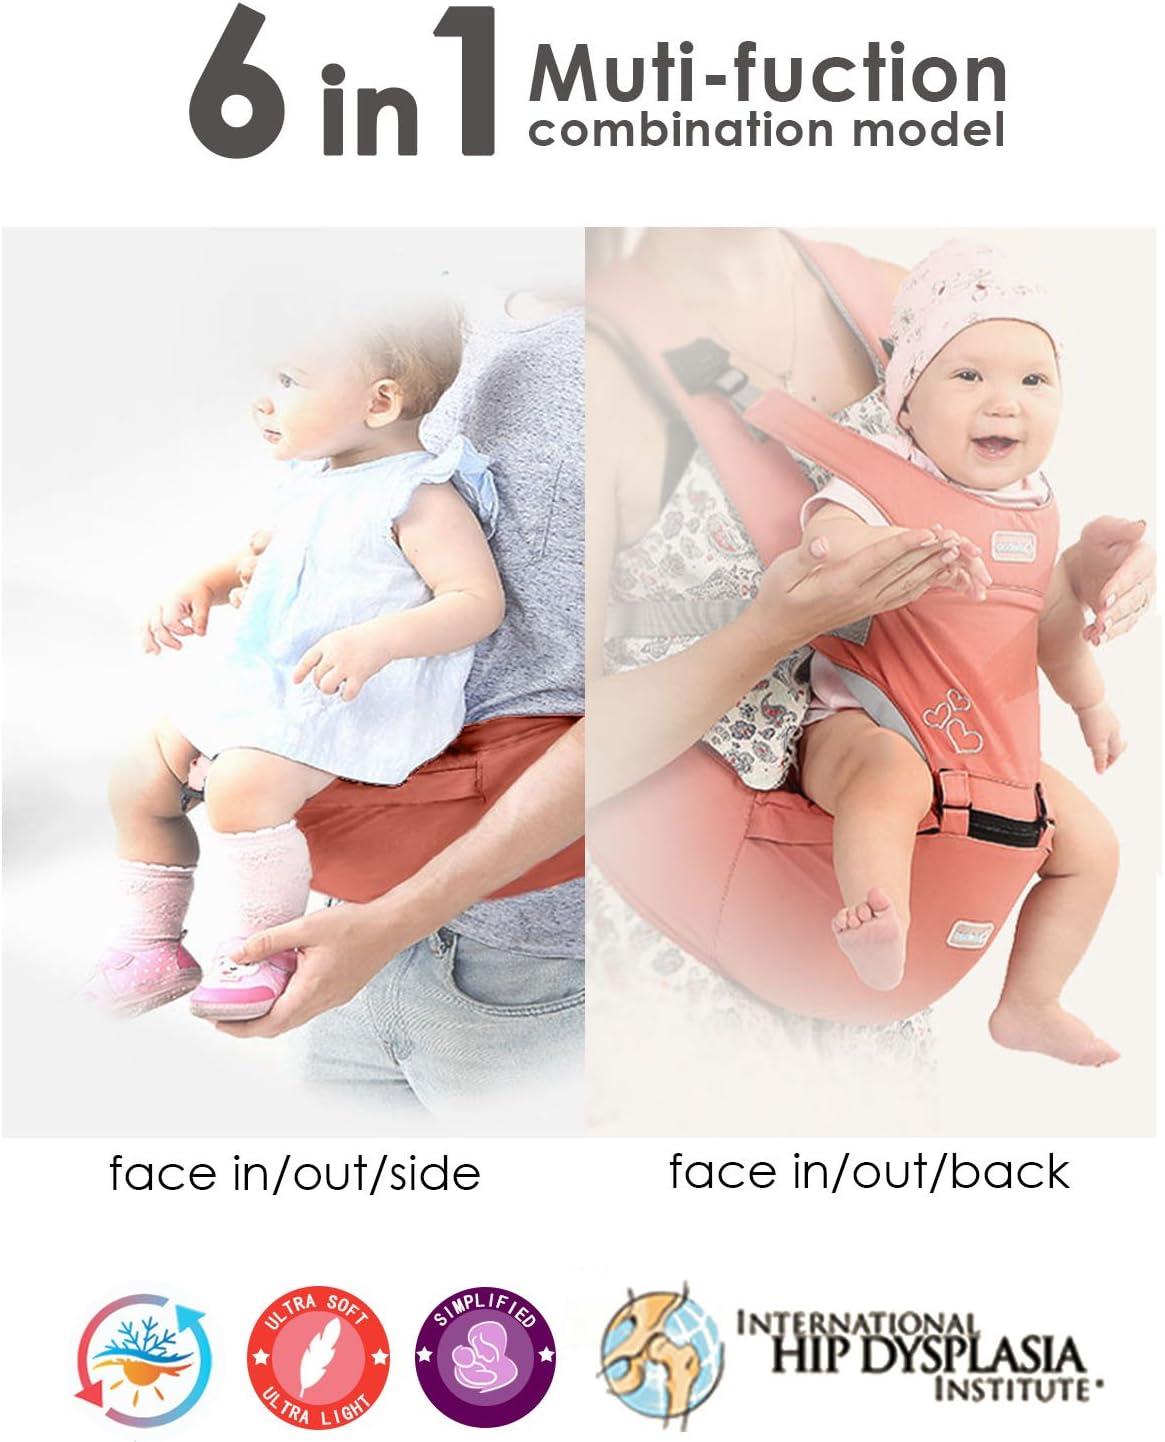 SONARIN Front Premium Hipseat Mochilas portabeb/é,Portador de Beb/é,Multifuncional,Ergon/ómico,hebilla giratoria de mariposa,seguro y c/ómodo,adaptado al crecimiento de su hijo,regalo ideal Gris